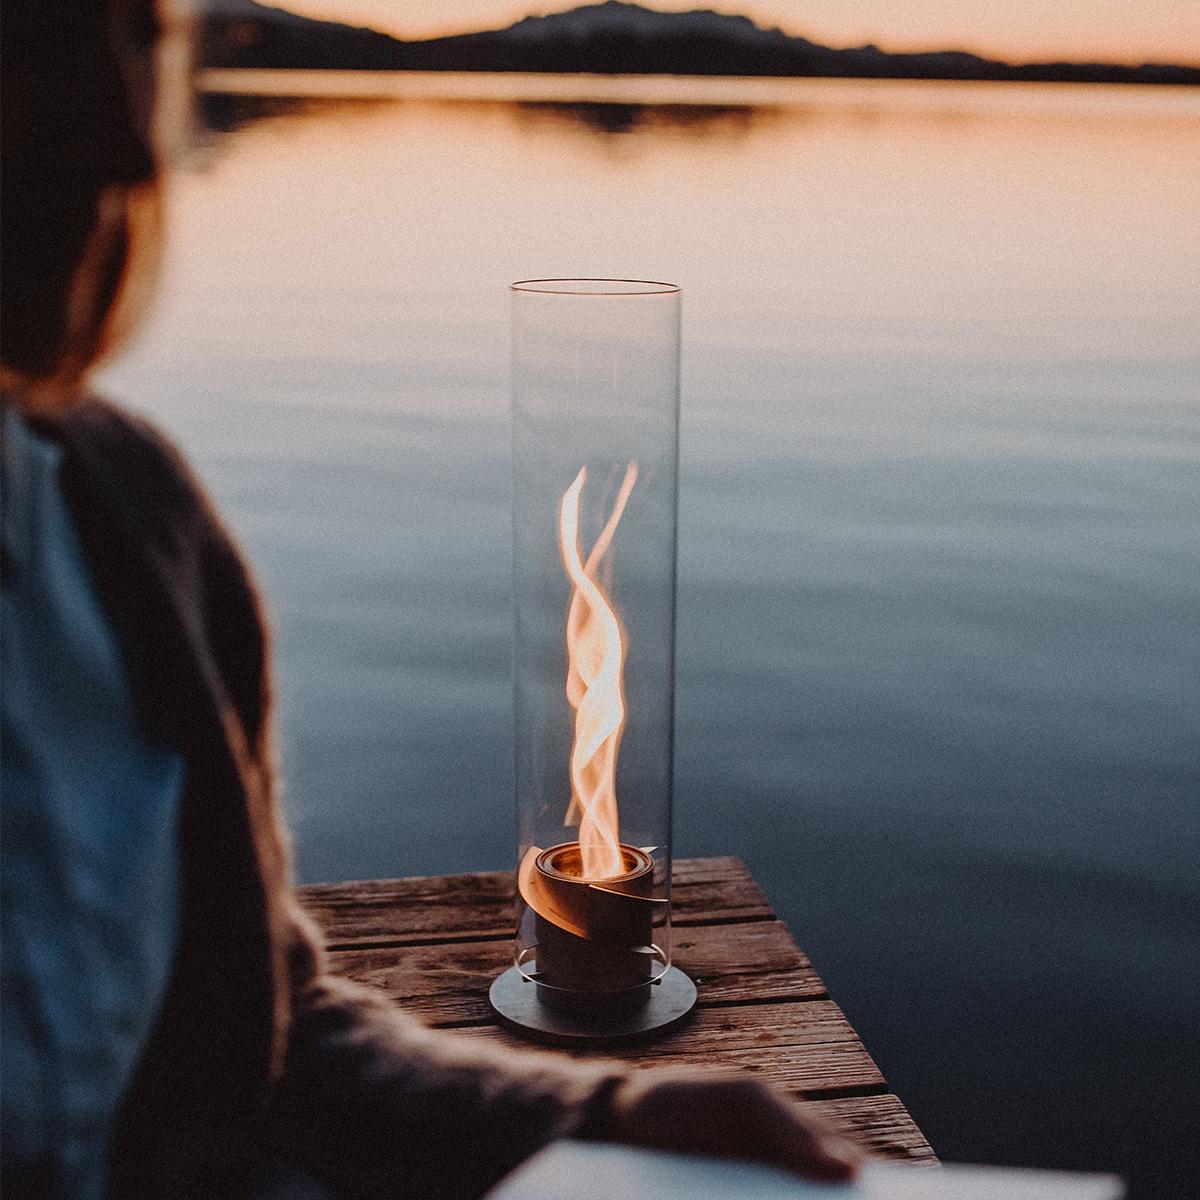 キャンプ場や庭の地面に直接挿してガーデントーチとして楽しむ。煙突効果で炎が廻りながら上昇!煙が出にくい安全燃料の「テーブルランタン&ガーデントーチ」|Hofats SPIN(ホーファッツ スピン)